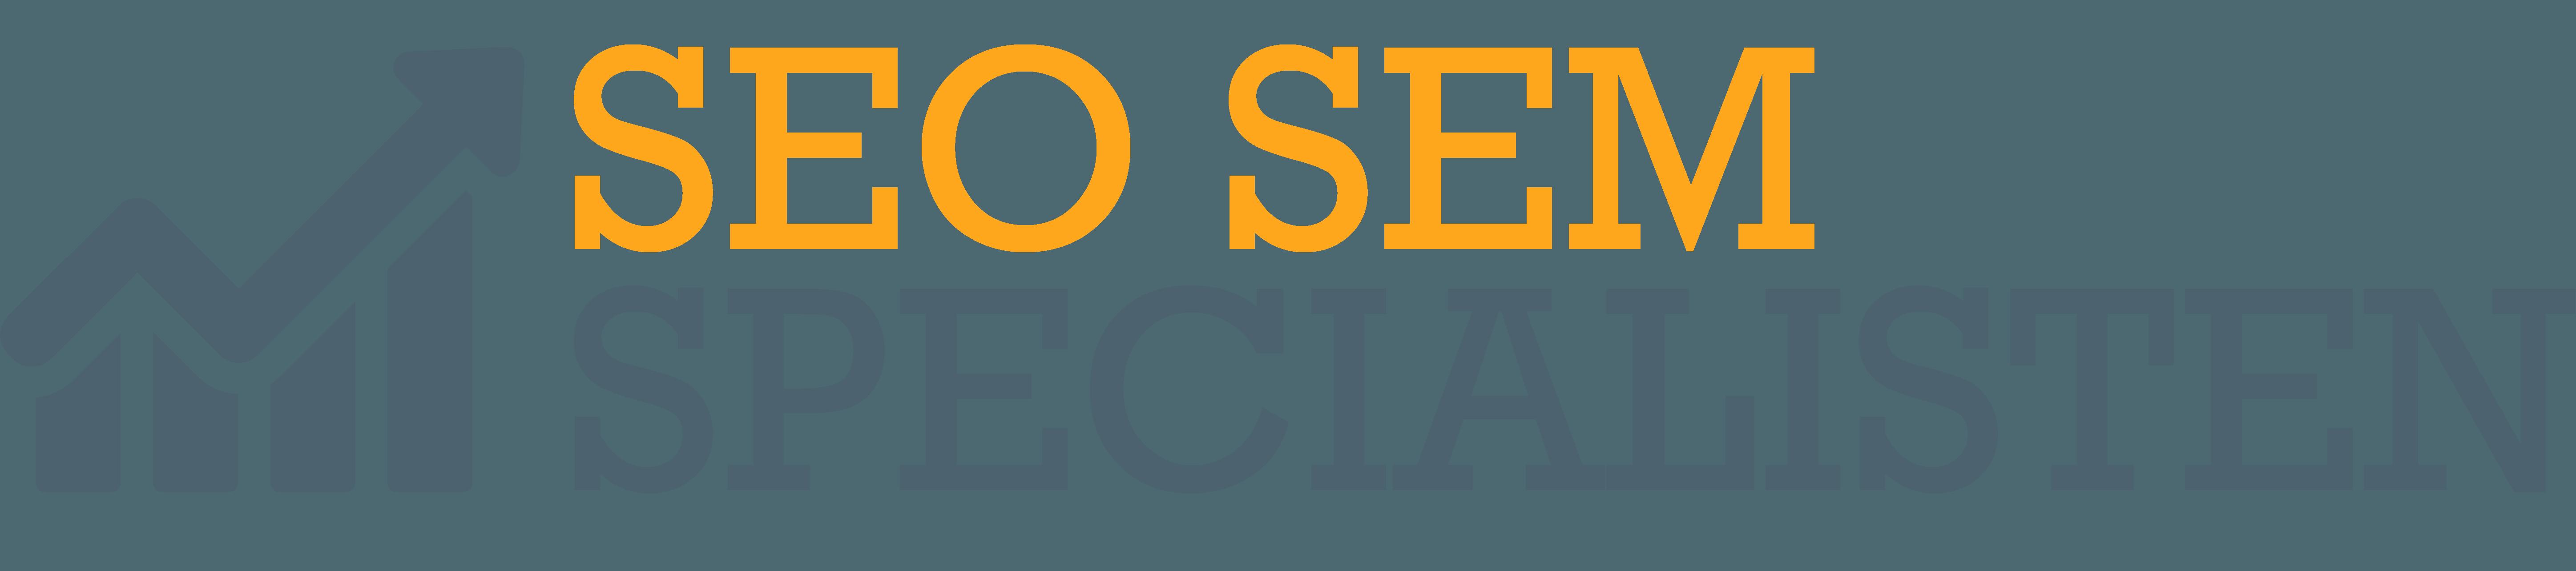 SEO SEM Specialisten